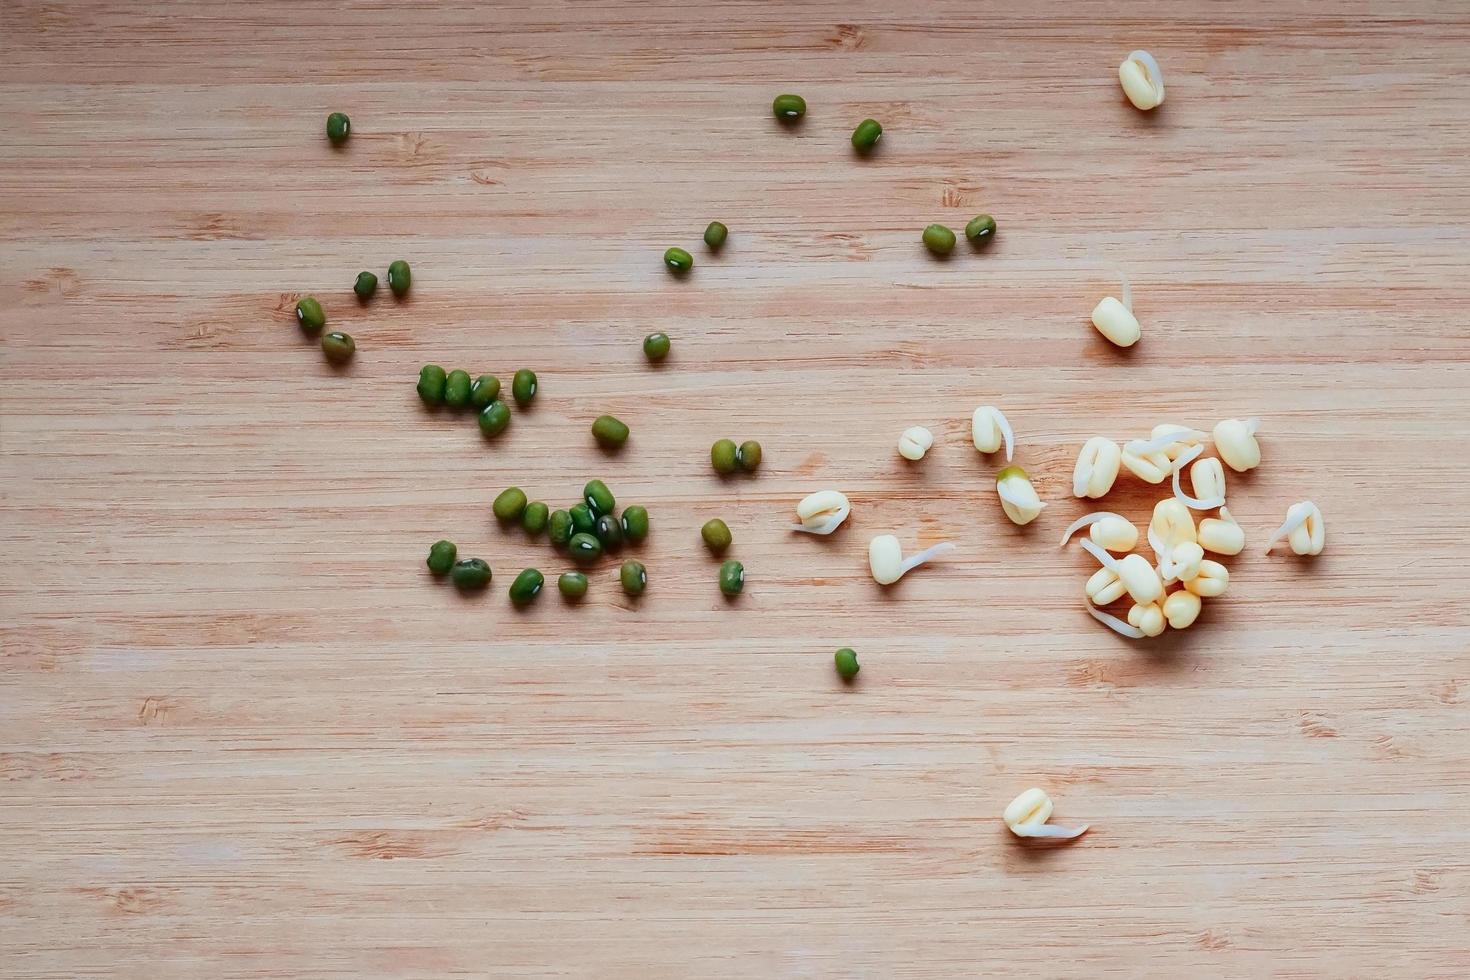 mungbönor och deras groddar på bordet, ovanifrån foto